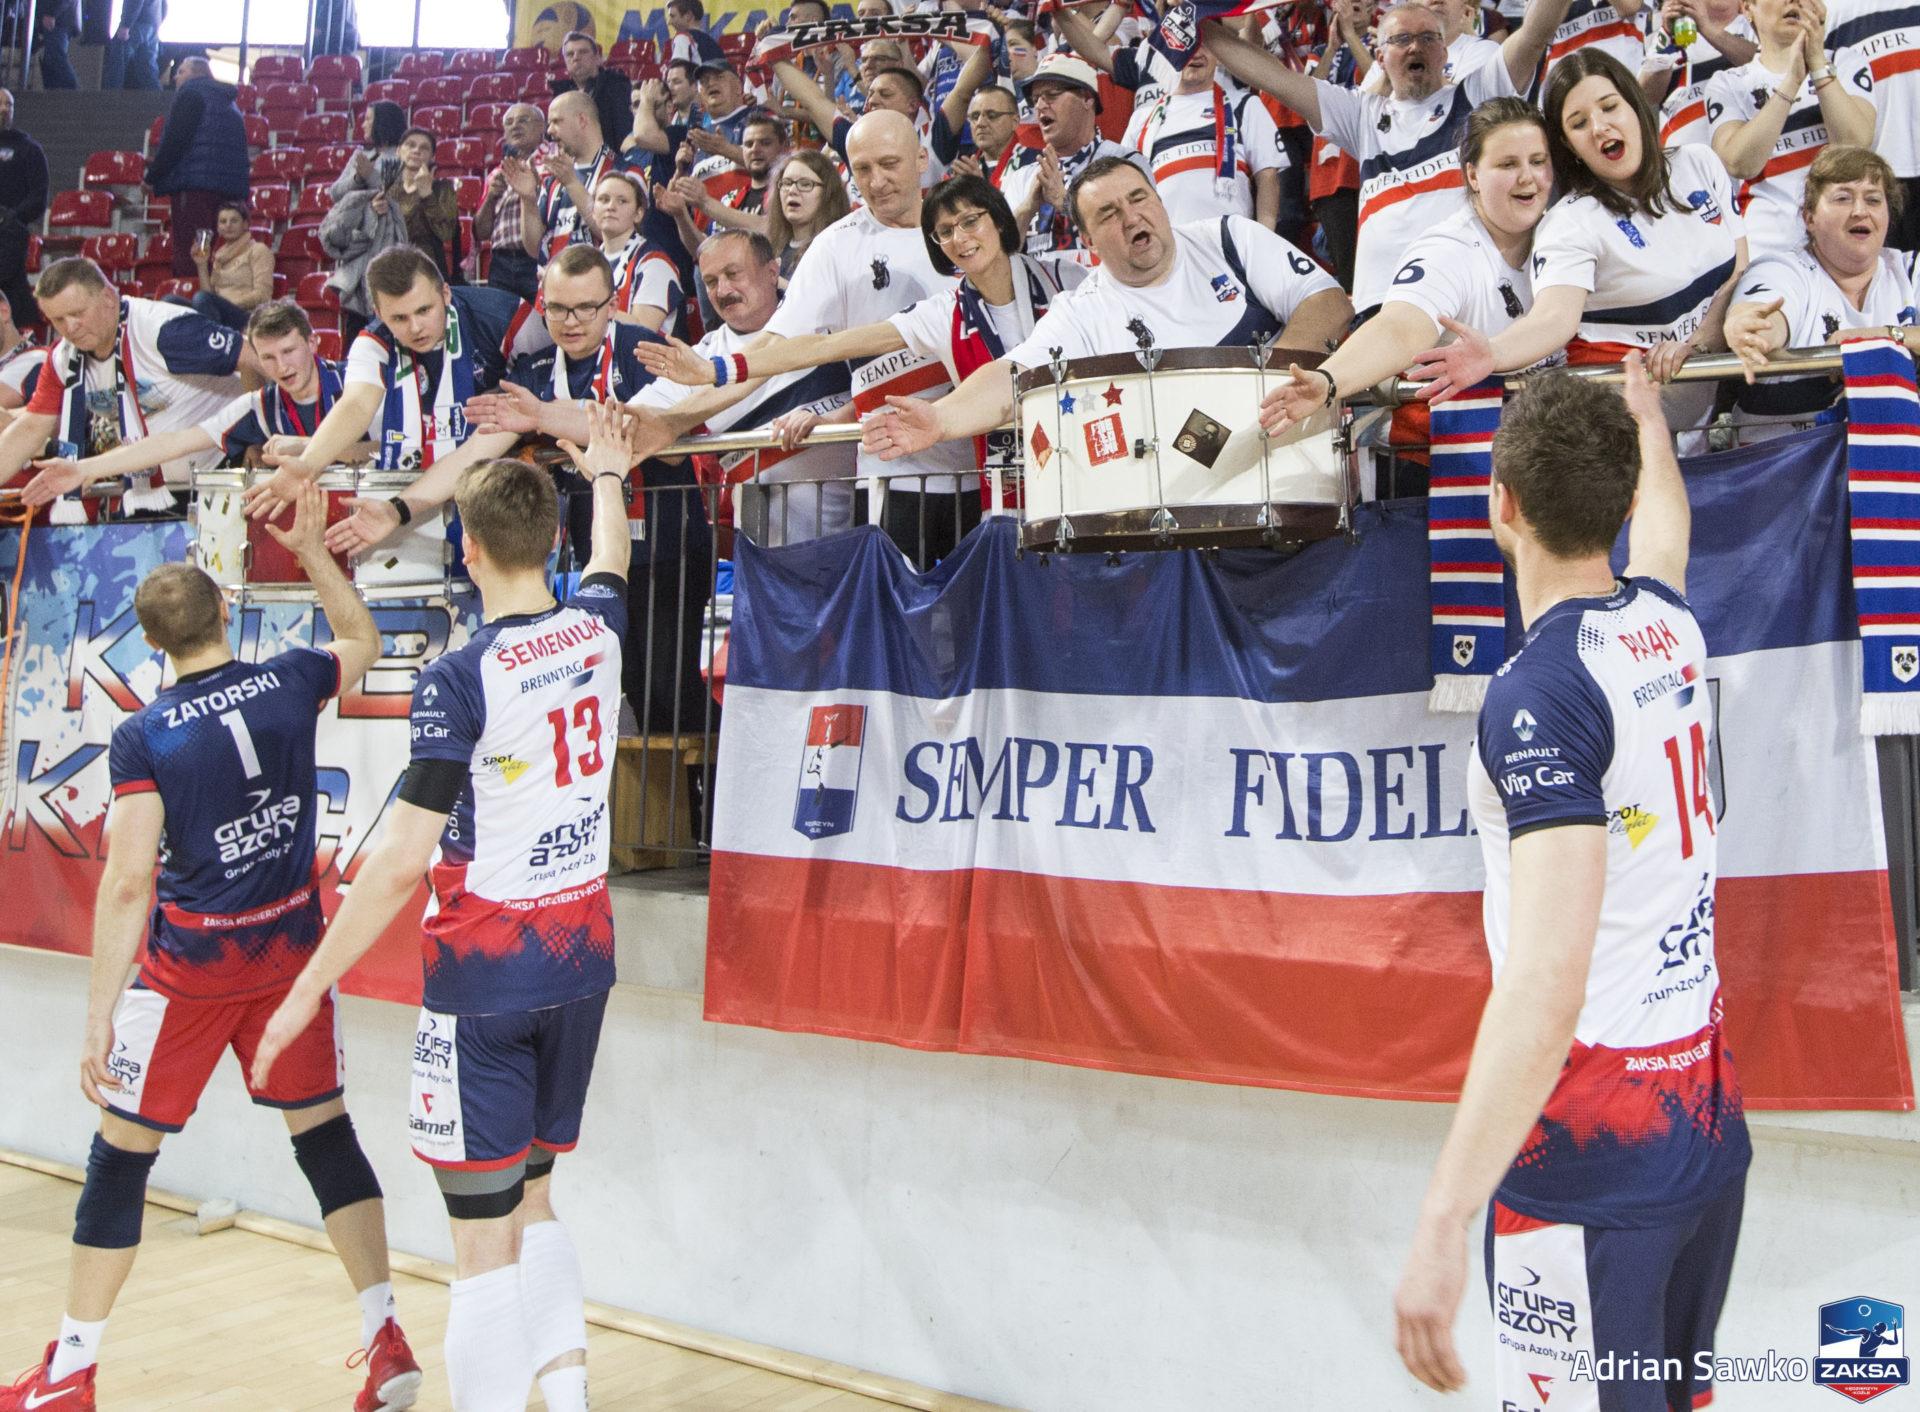 Bilety na mecz półfinałowy ZAKSA Kędzierzyn-Koźle vs Jastrzębski Węgiel